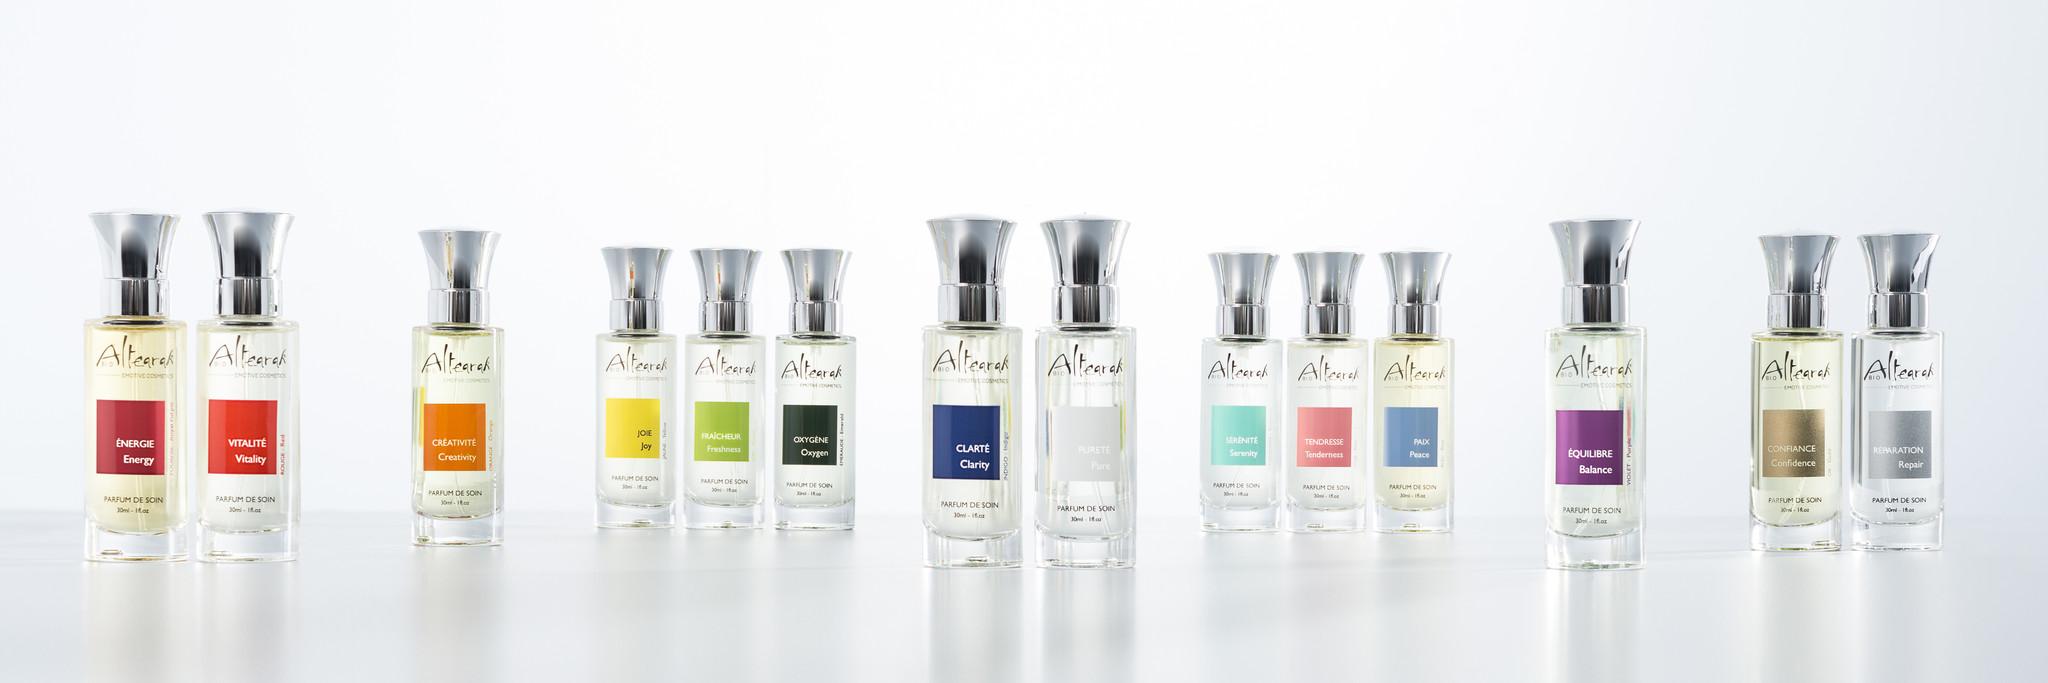 Altearah Parfum de Soin schoonheidssalon beauty4people nuenen